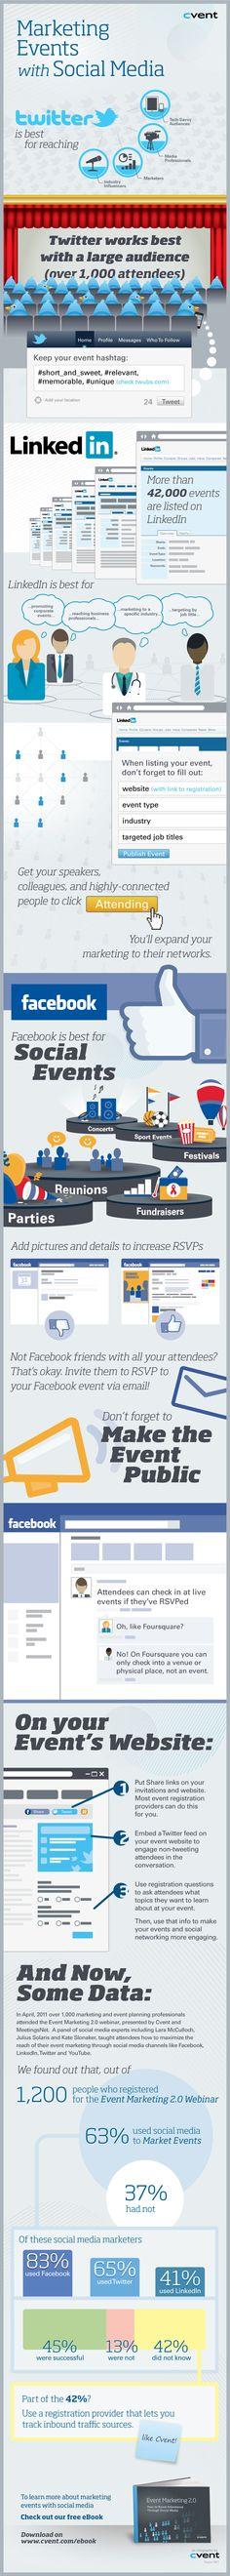 How to market your event via social media | #Eventprofs  #smm #socialmedia #Event #marketing #digitalmarketing #socialmediamarketing #smm #socialmediastrategy www.eventchecklist.net